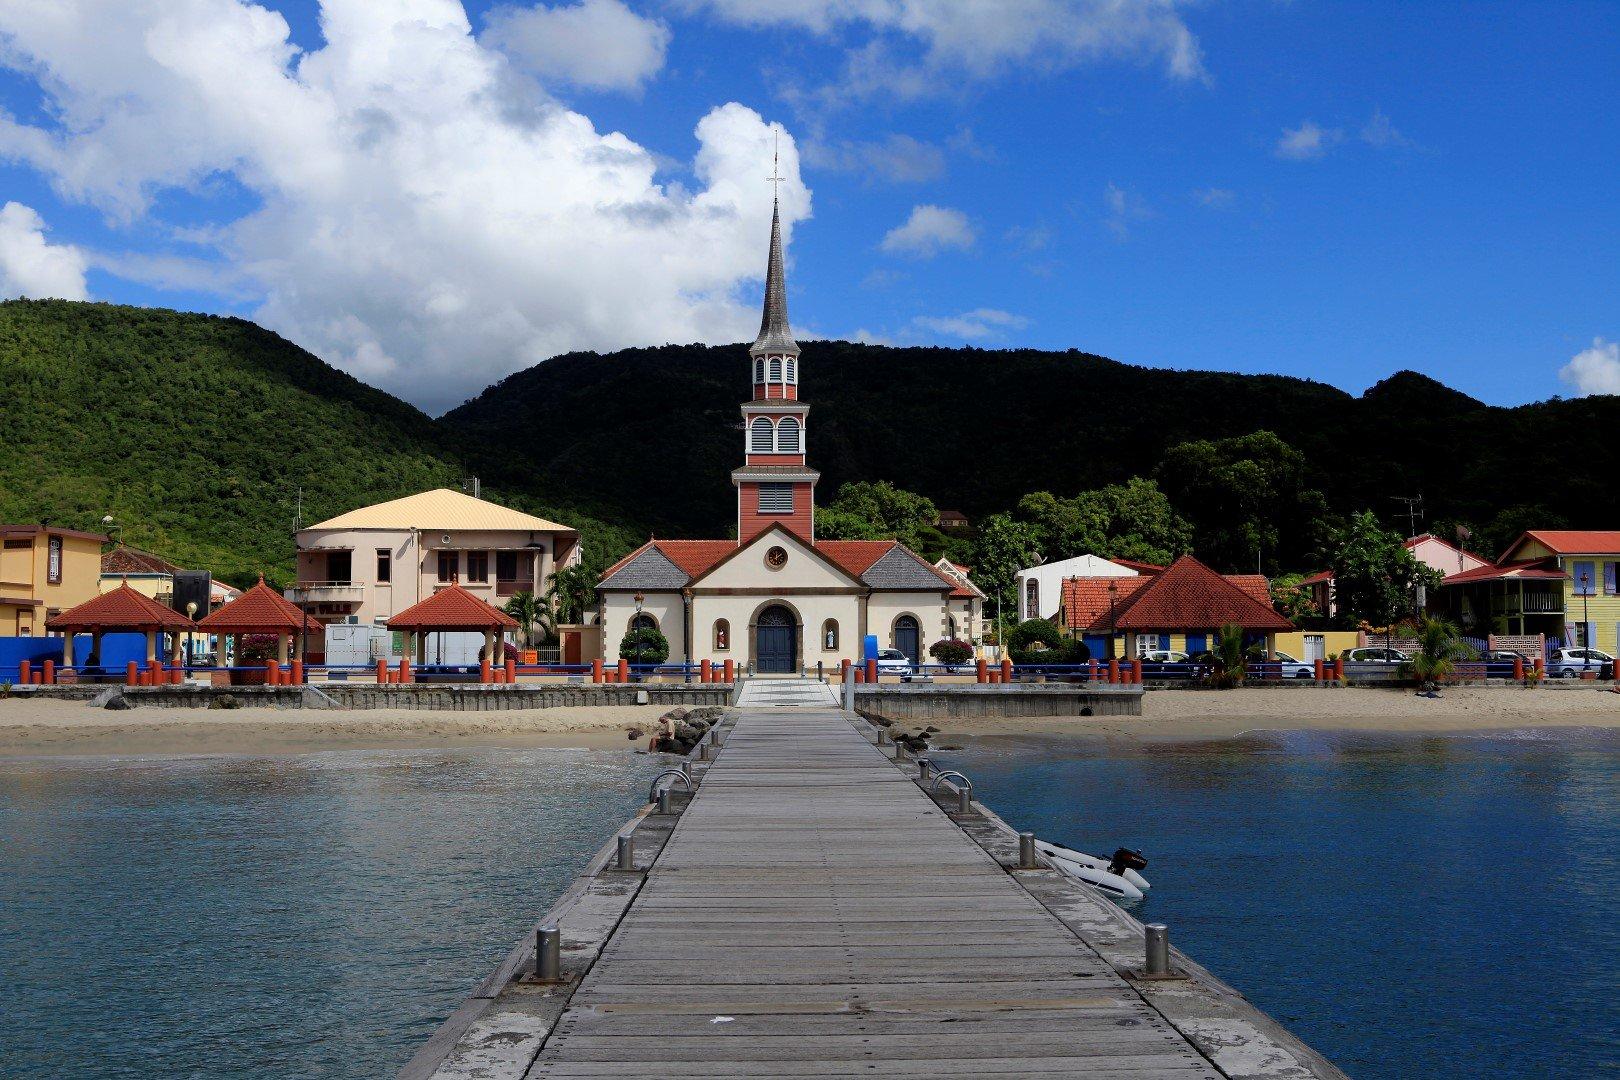 Fotos de Martinica - Imgenes destacadas de Martinica, Caribe 47